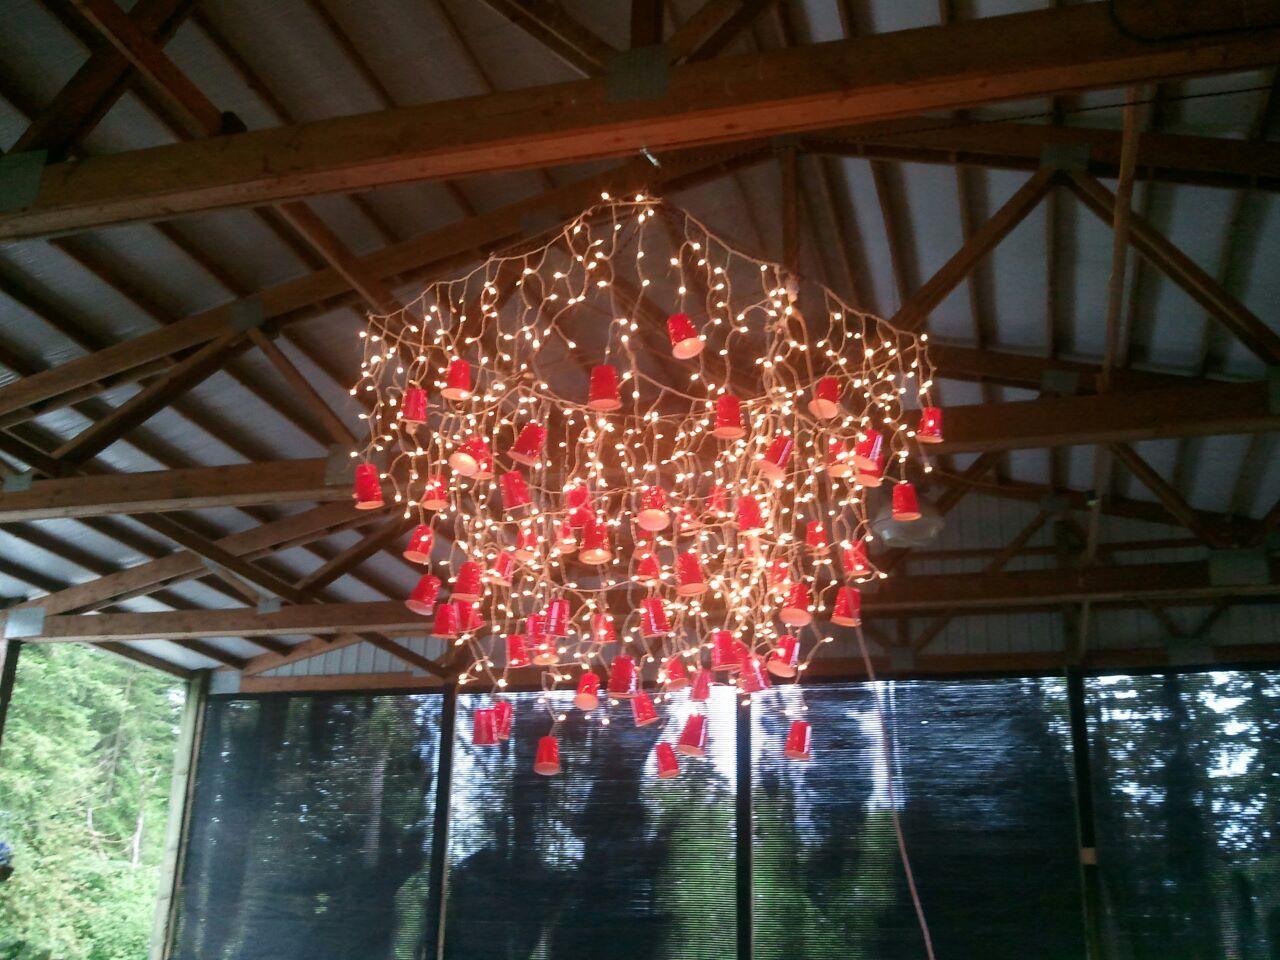 solo cup diy light fixture   Outdoor parties   Pinterest ...